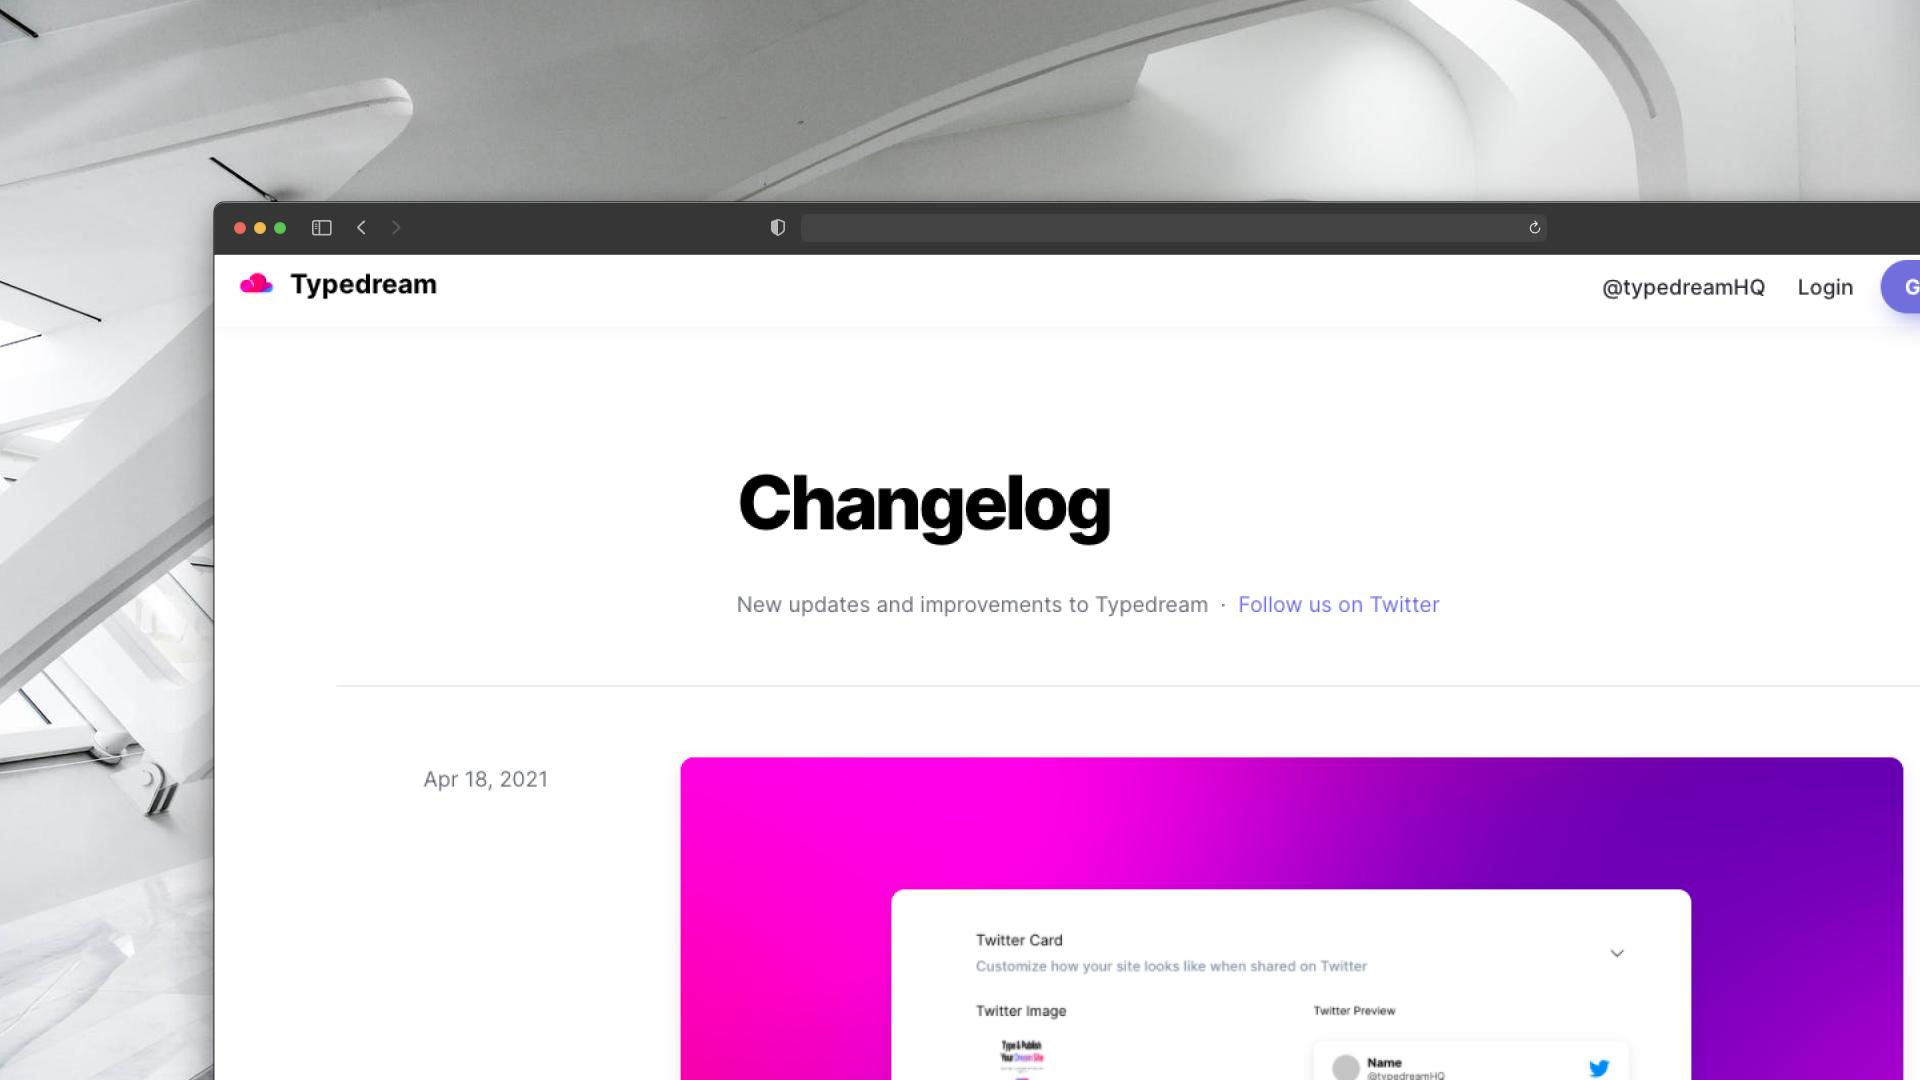 Typedream Changelog Screenshot